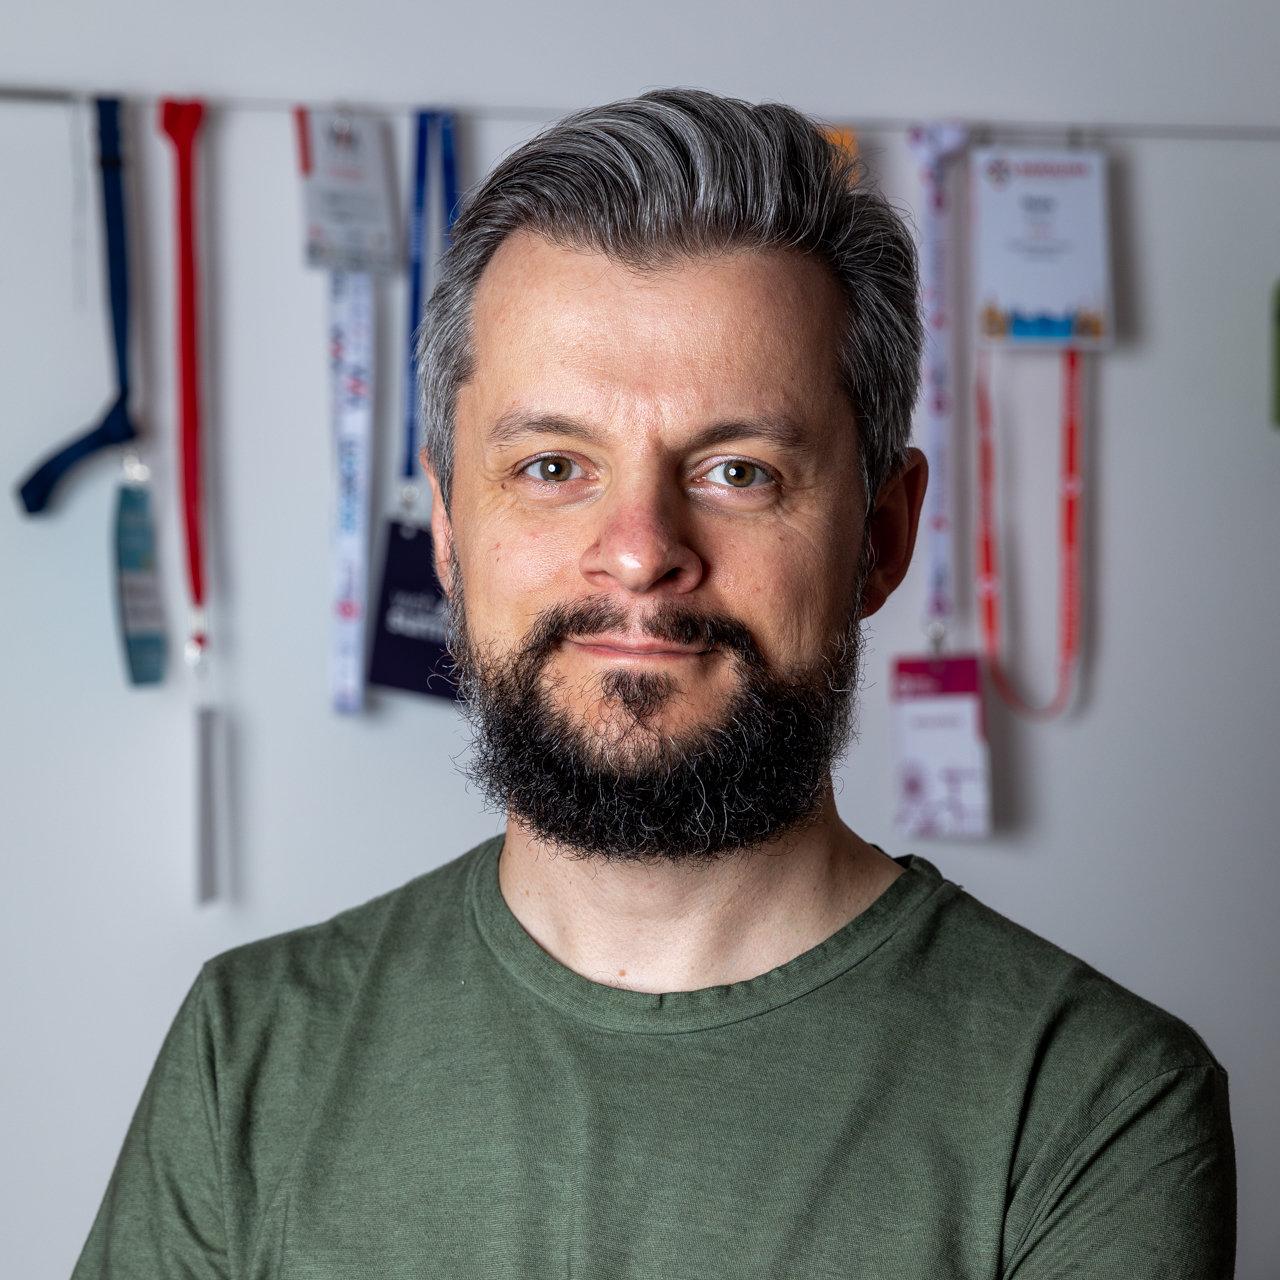 Io sono l'uomo Design e Marketing - Nicola Stocco